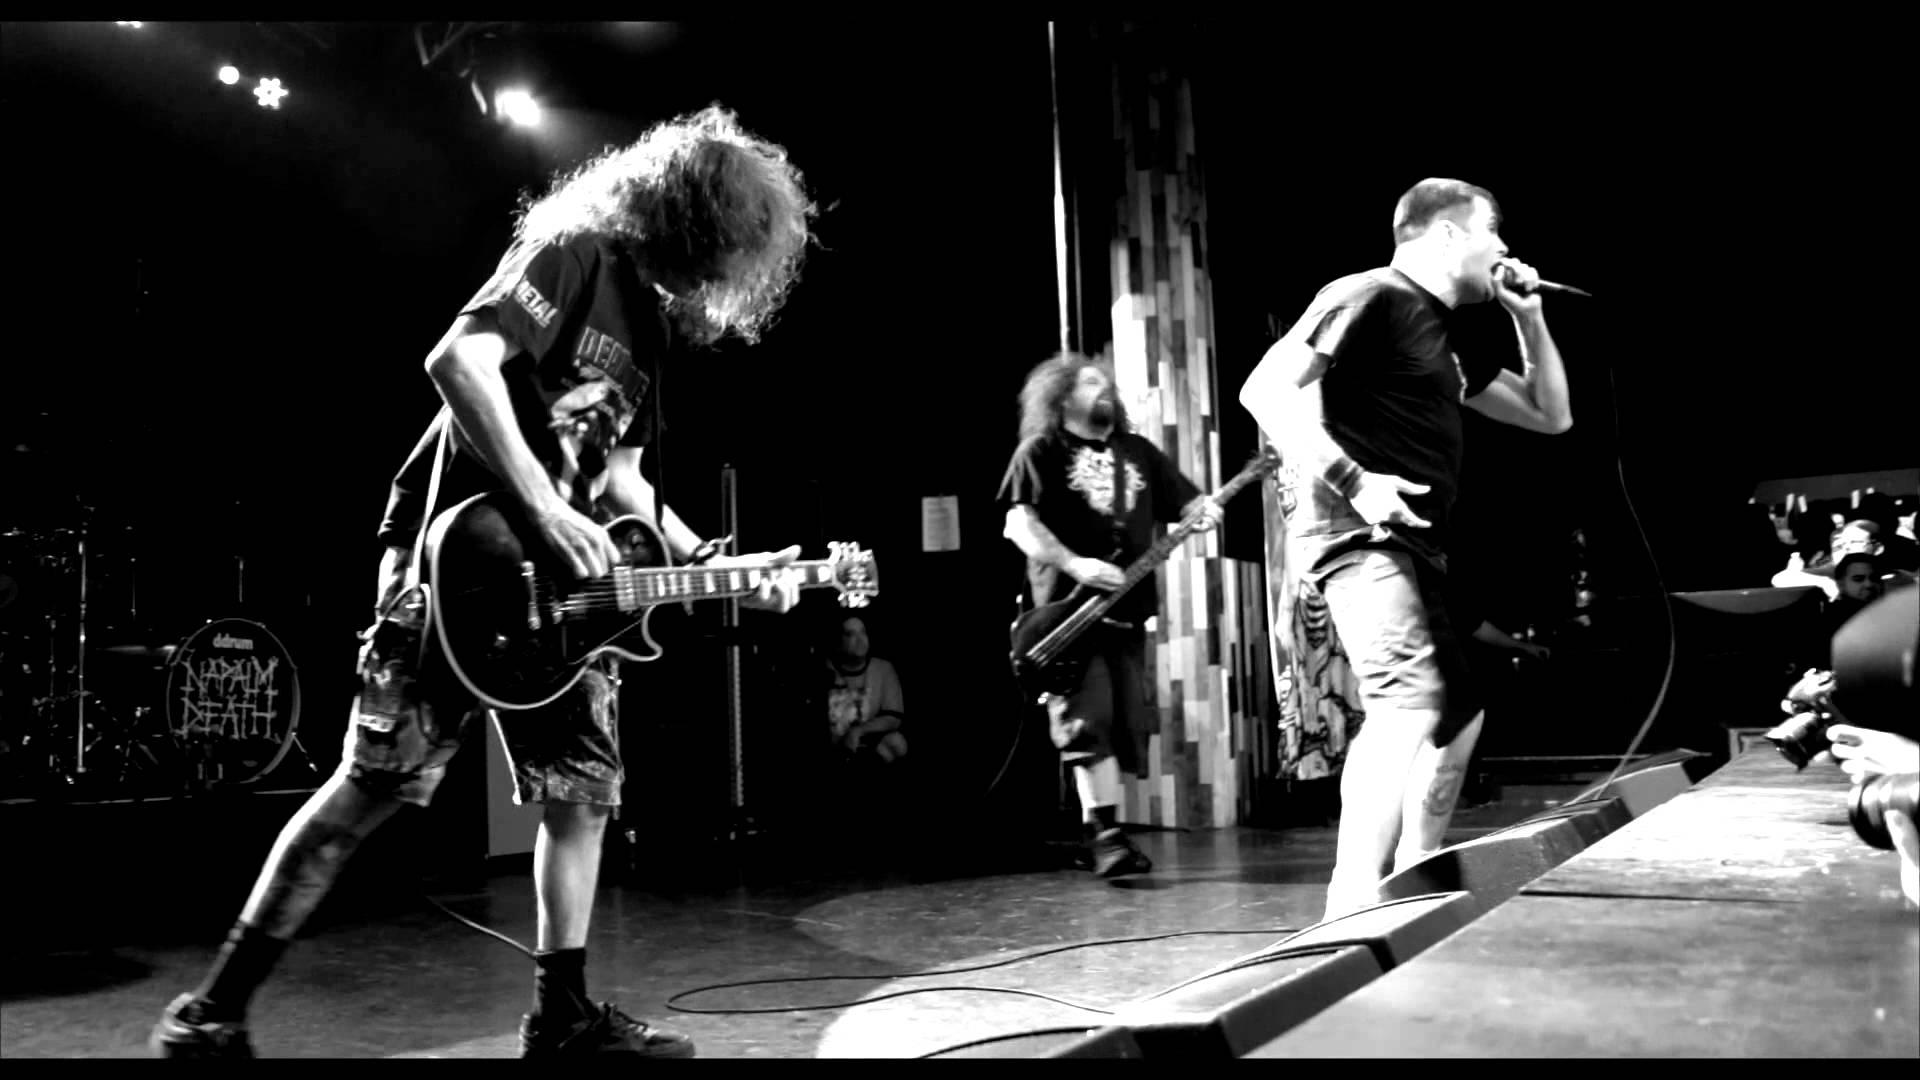 2018.03.01 Napalm Death<br /><br />Stílusbeli fundamentumoknak tekinthetó zenekarokból bőven kijut majd 2018-ban, a grindcore alapvetés Napalm Death is tiszteletét teszi majd nálunk. Március 1. mindenkinek piros betűvel, szépen kiemelve ott szerepel a naptárban. Tali a pultnál! (Szia, Csiga!)